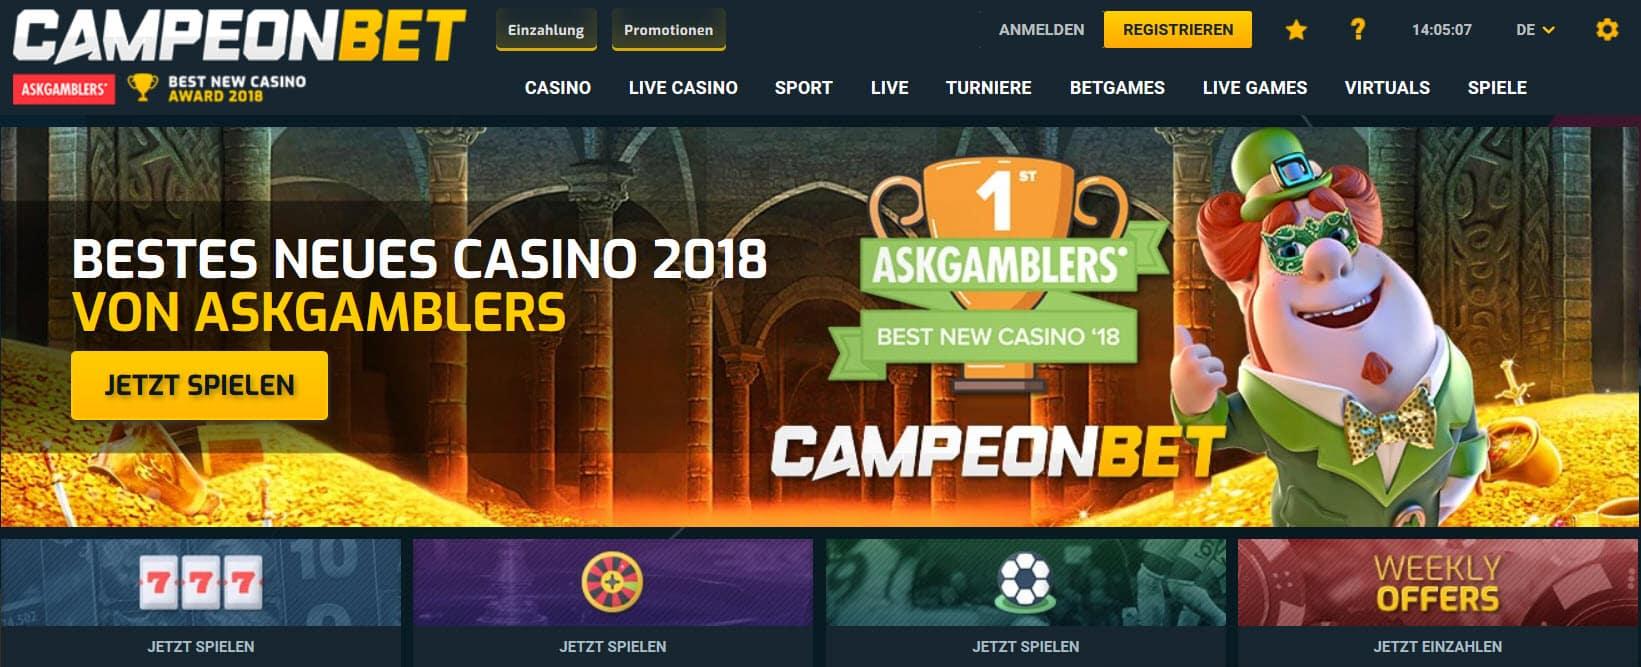 Campeonbet Casino Auszeichnung 2018 bestes Casino Startseite